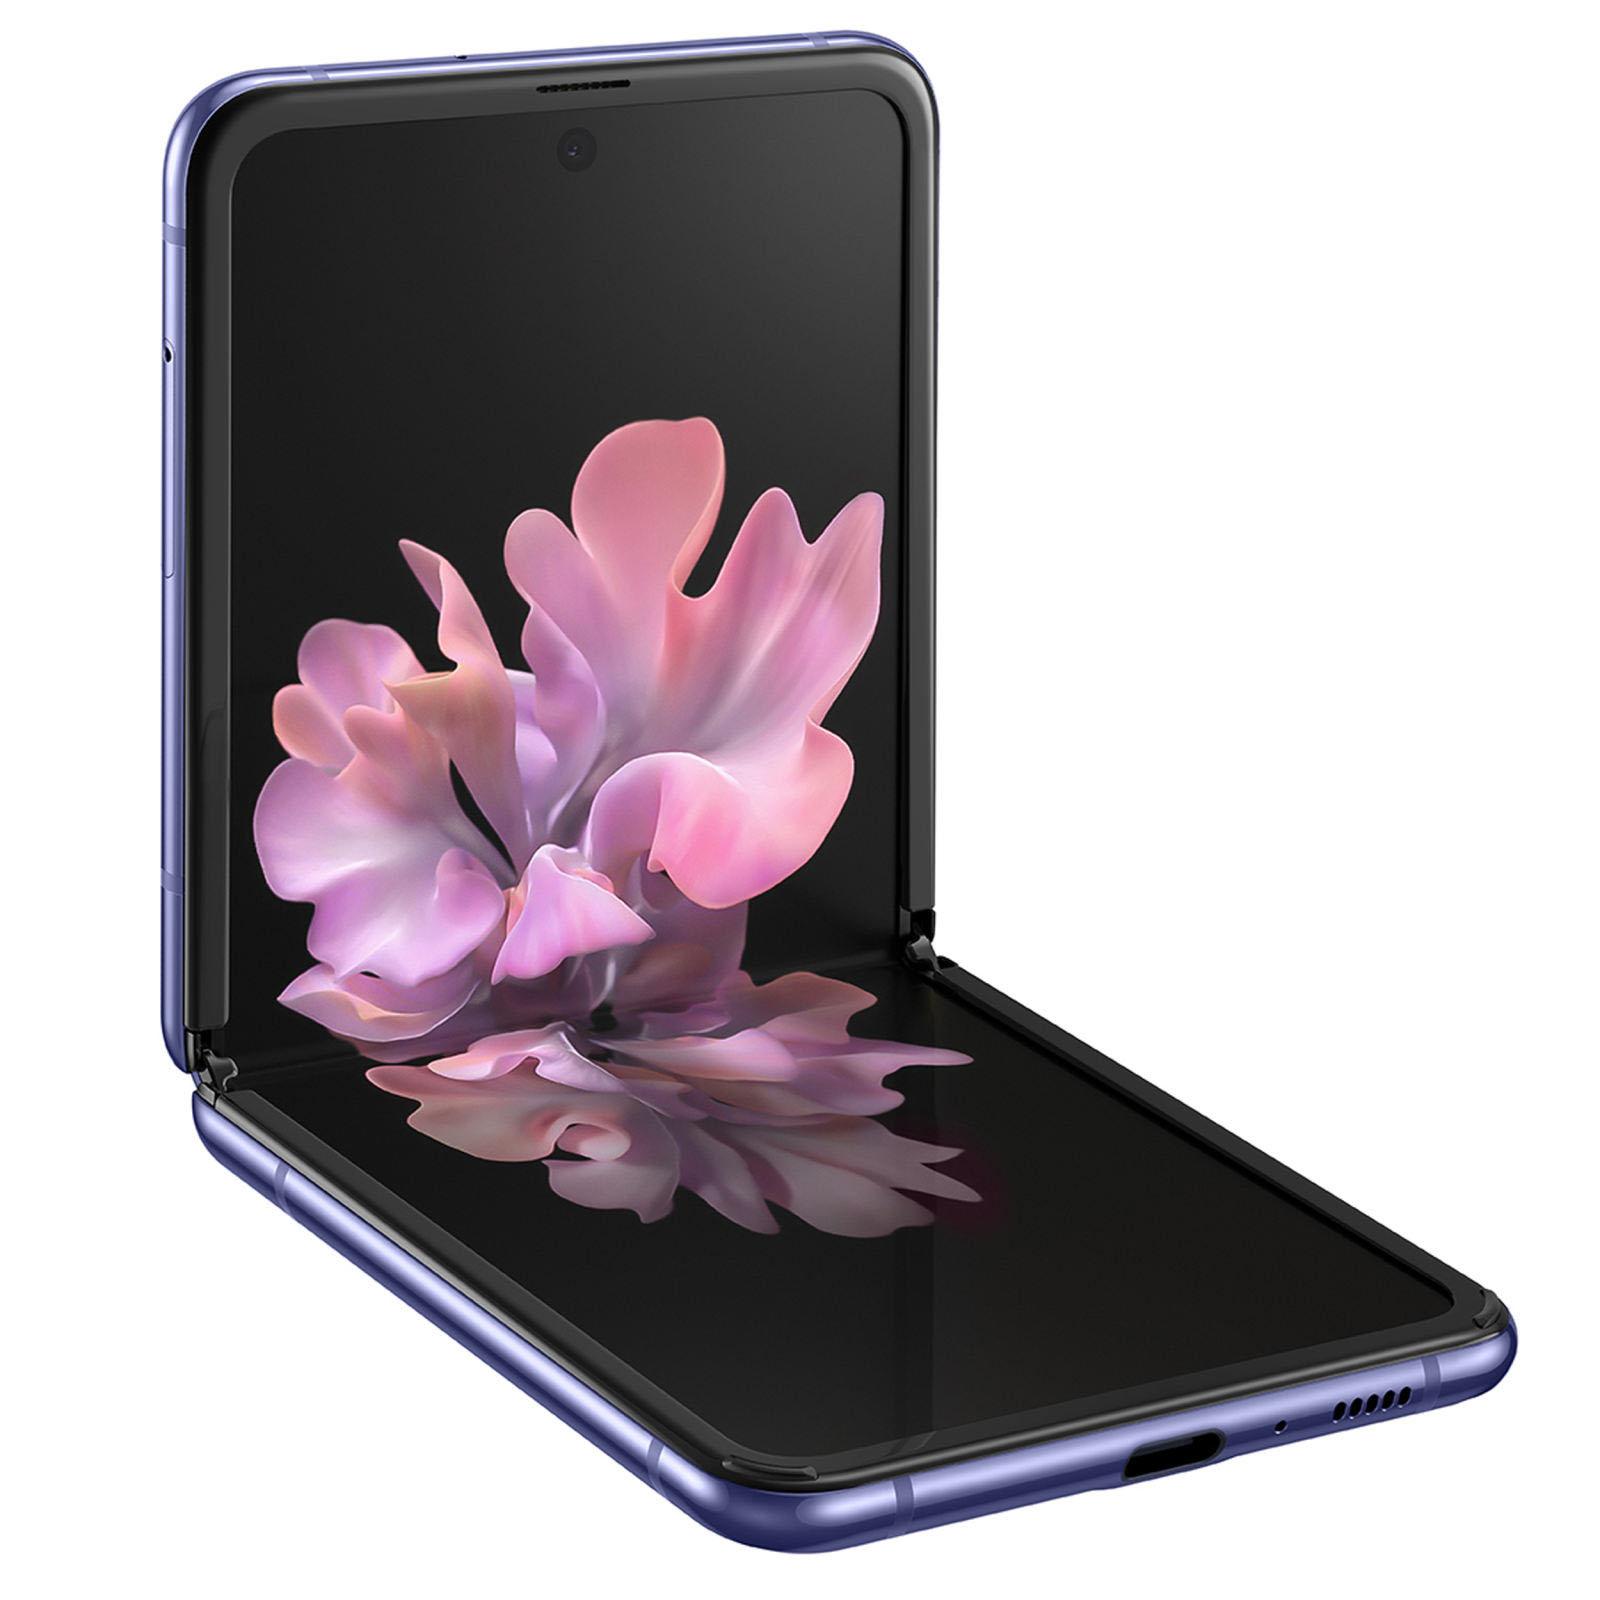 گوشی موبایل سامسونگ مدل Galaxy Z Flip SM-F700F/DS تک سیم کارت ظرفیت ۲۵۶ گیگابایت